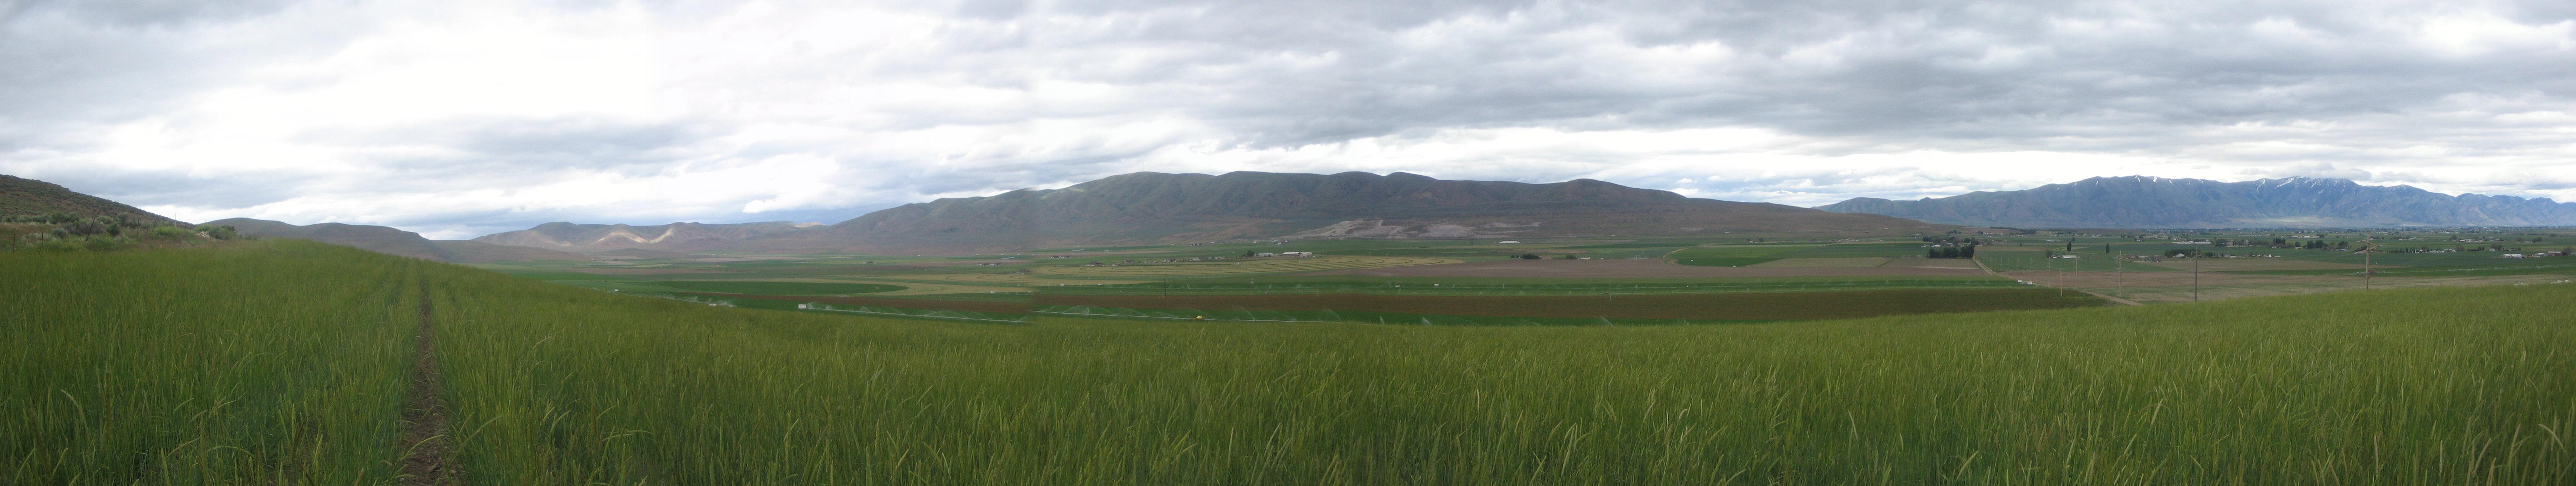 Seed Field Panorama